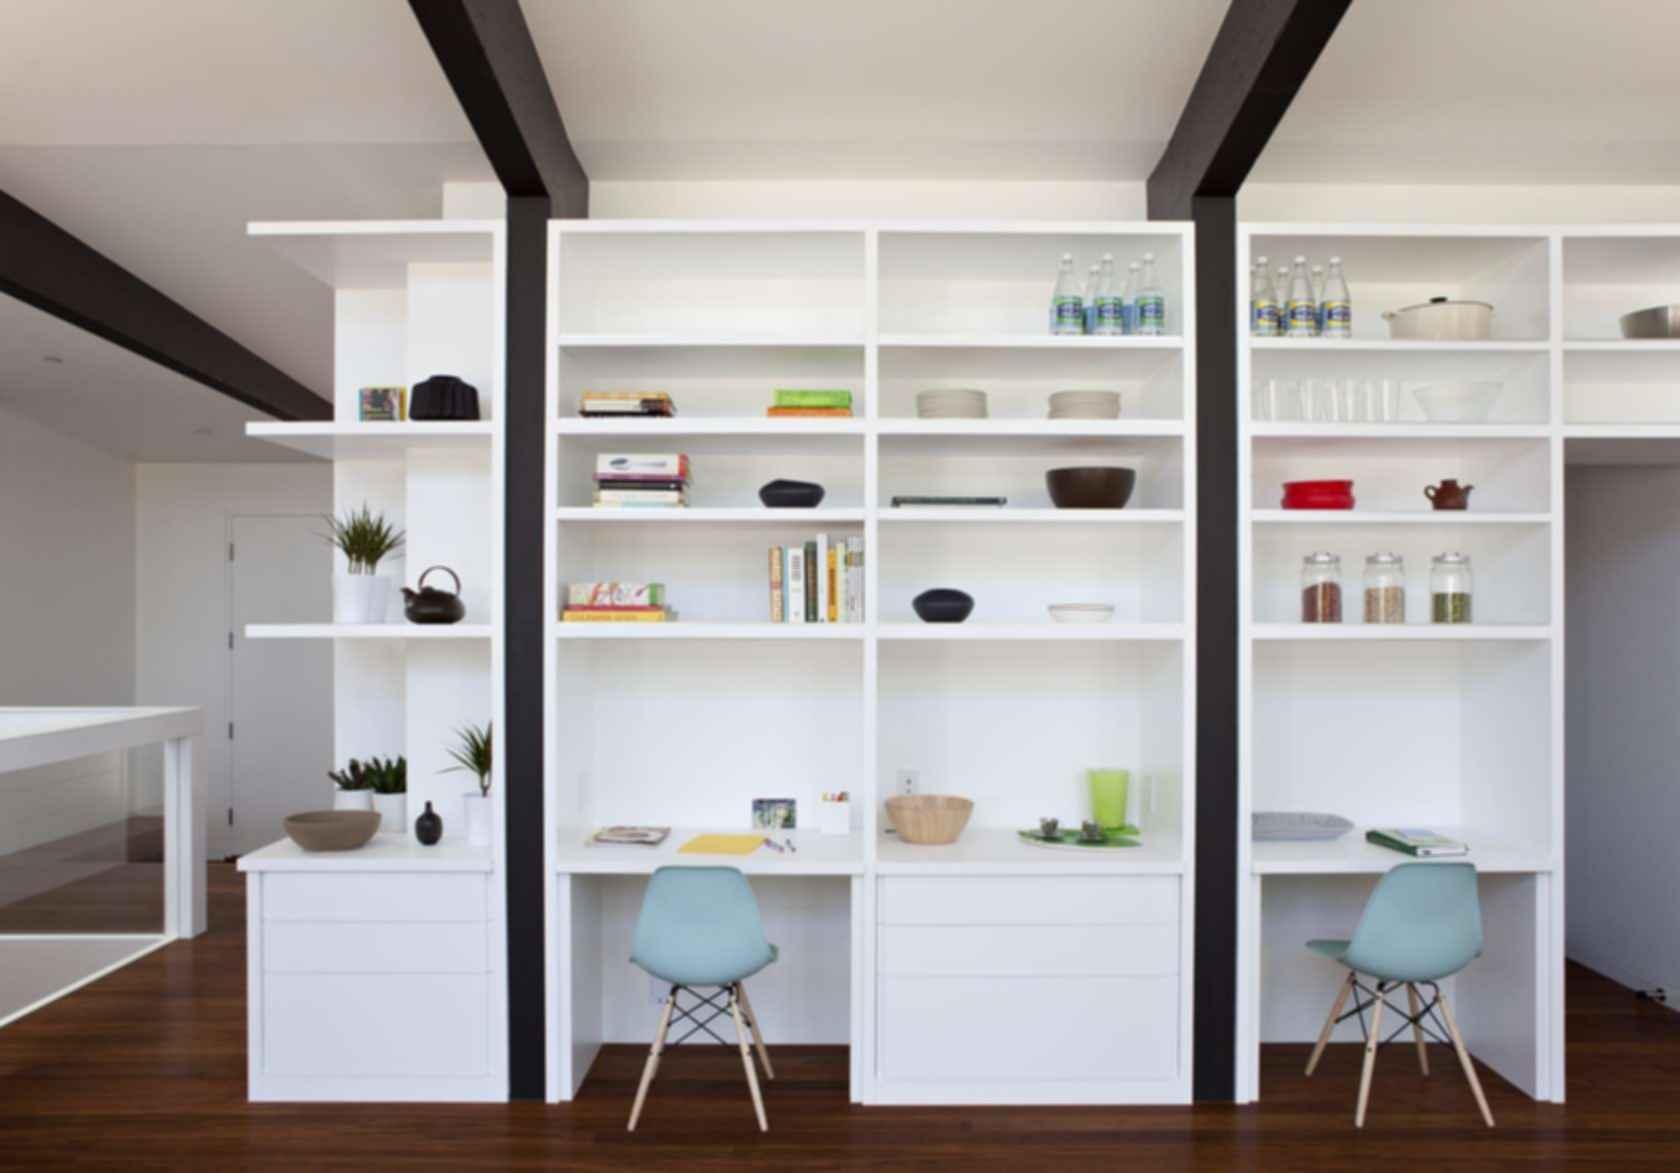 Net Zero Energy House - Interior Storage